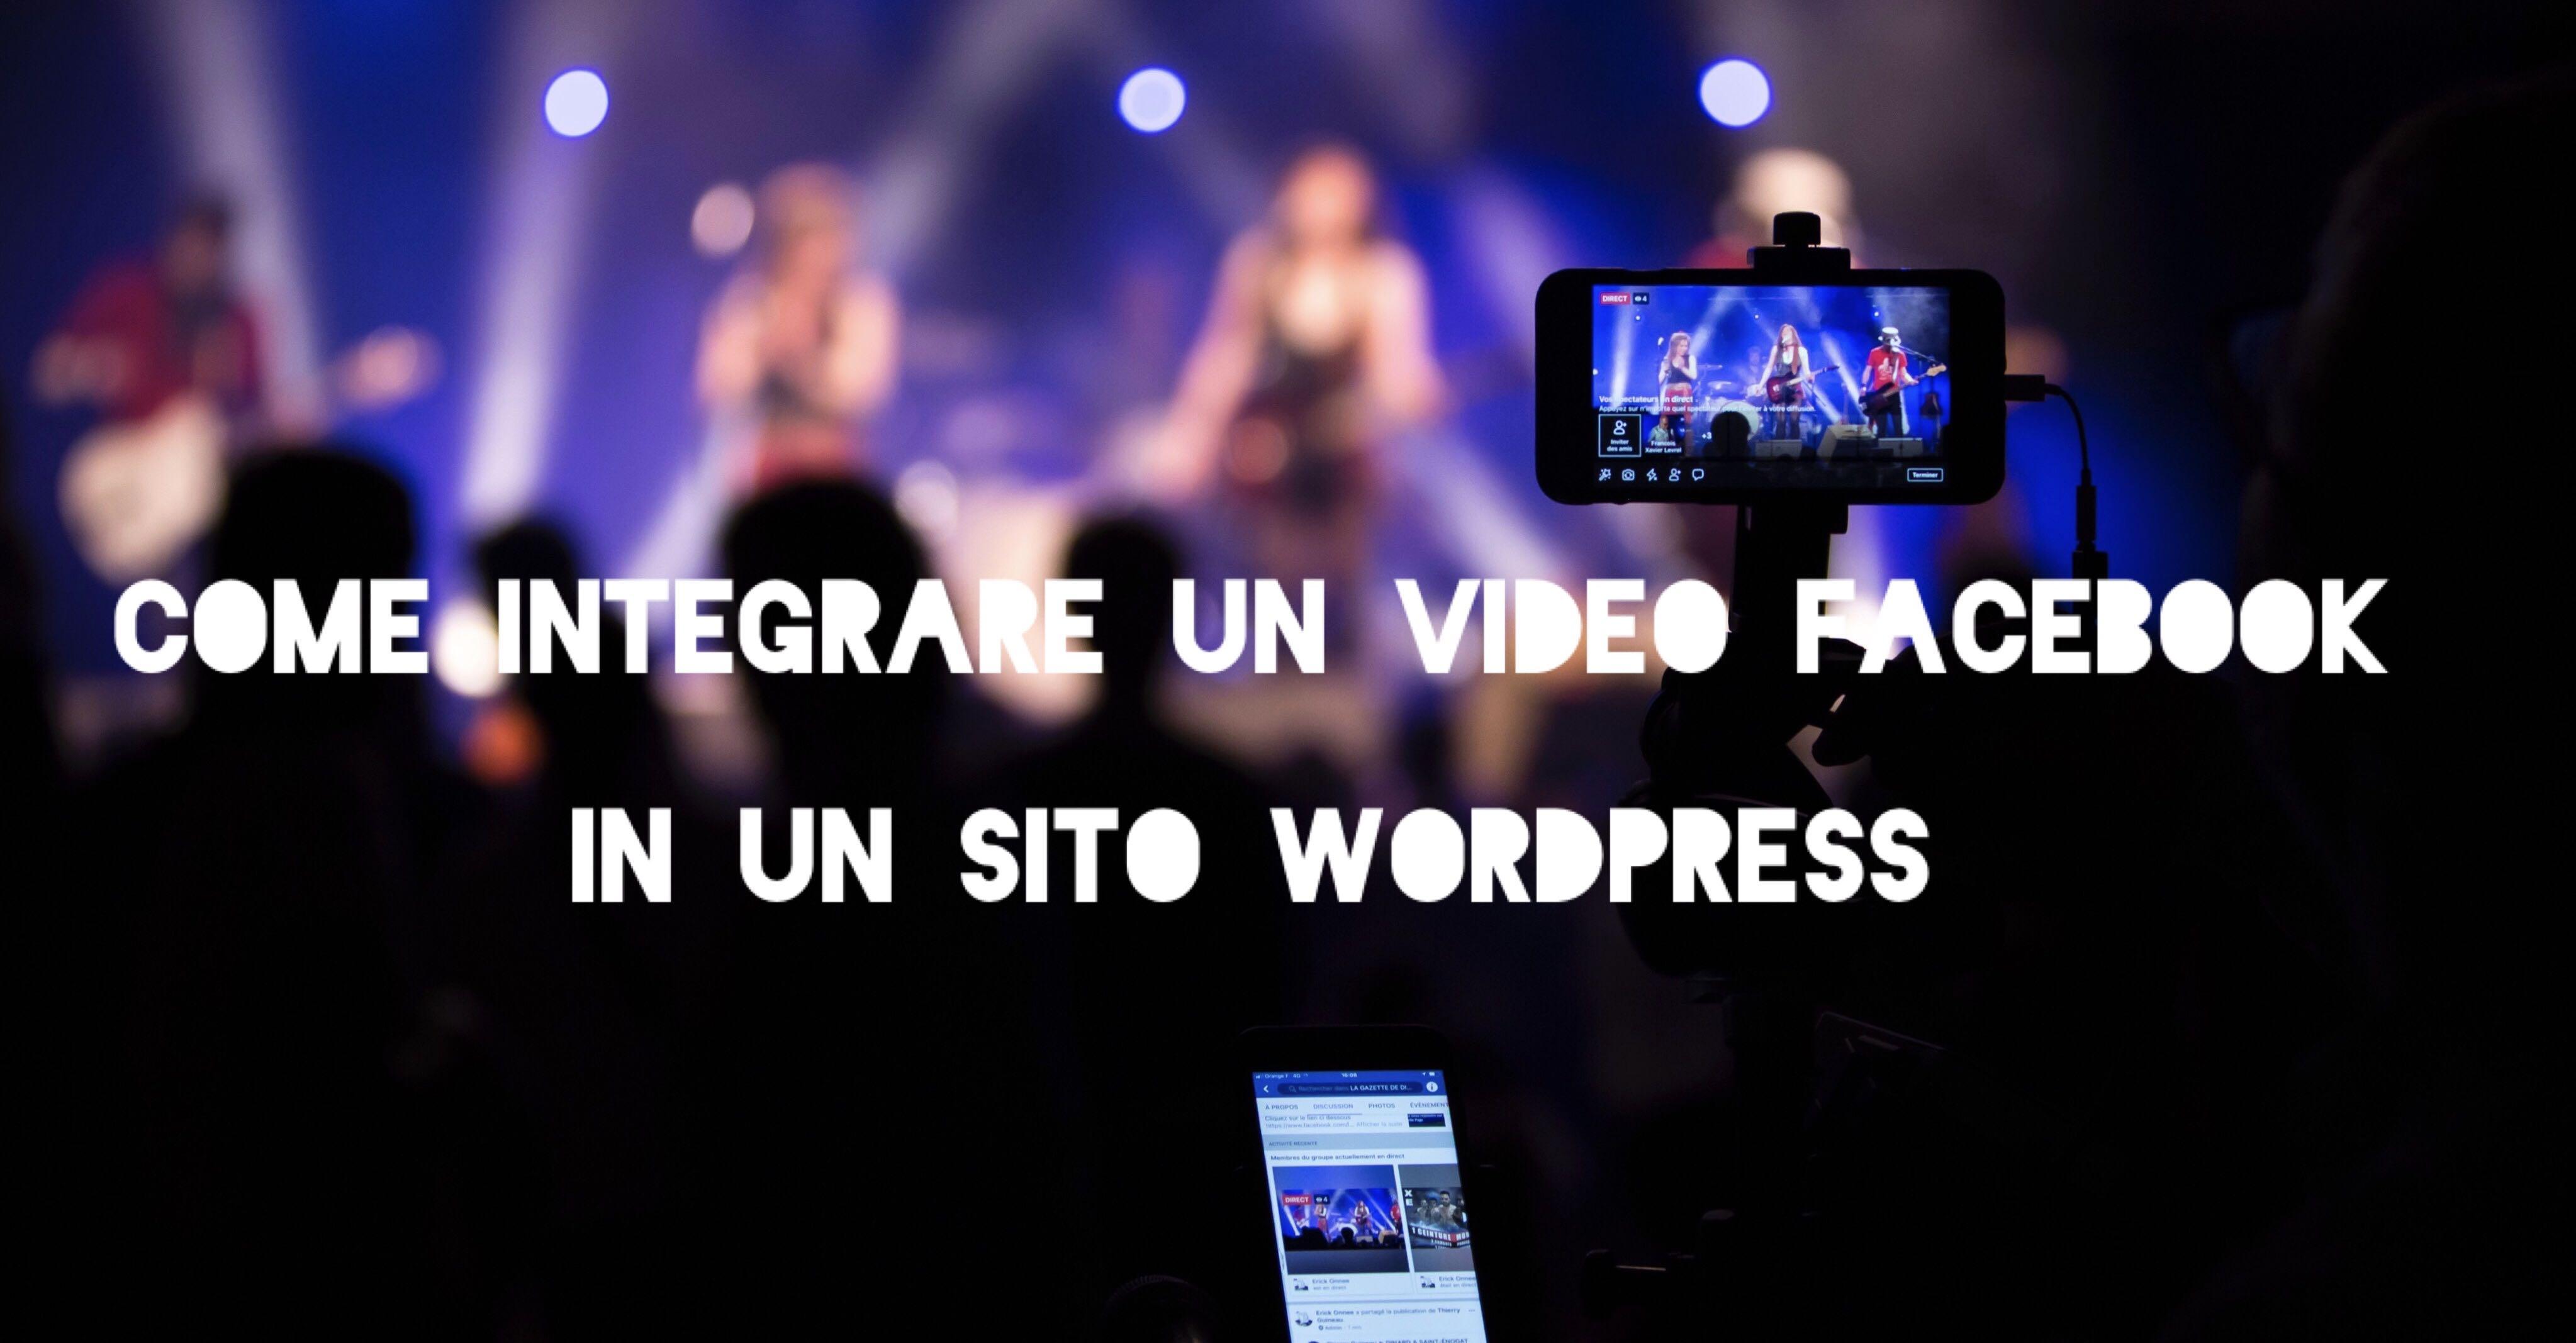 Come integrare un video Facebook in un sito WordPress